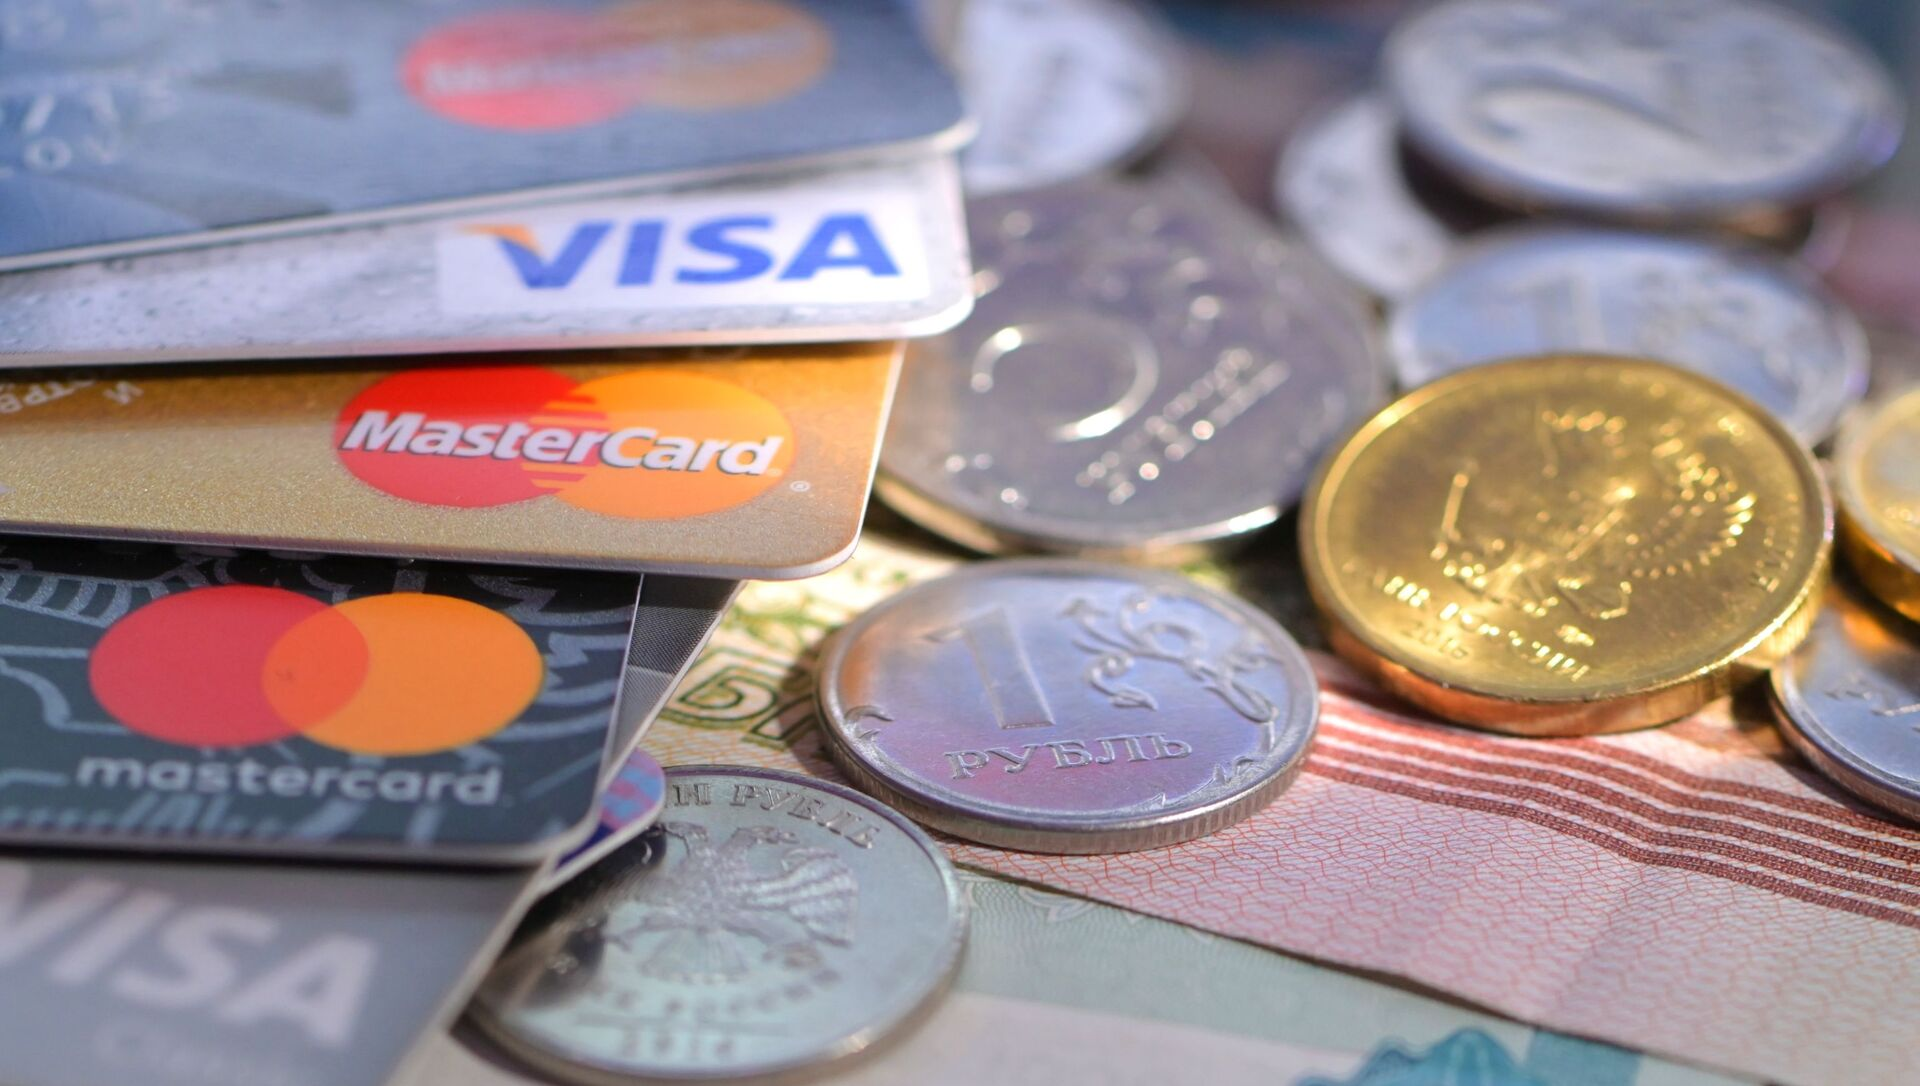 Монеты и банковские карты международных платежных систем VISA и MasterCard - Sputnik Южная Осетия, 1920, 09.10.2021